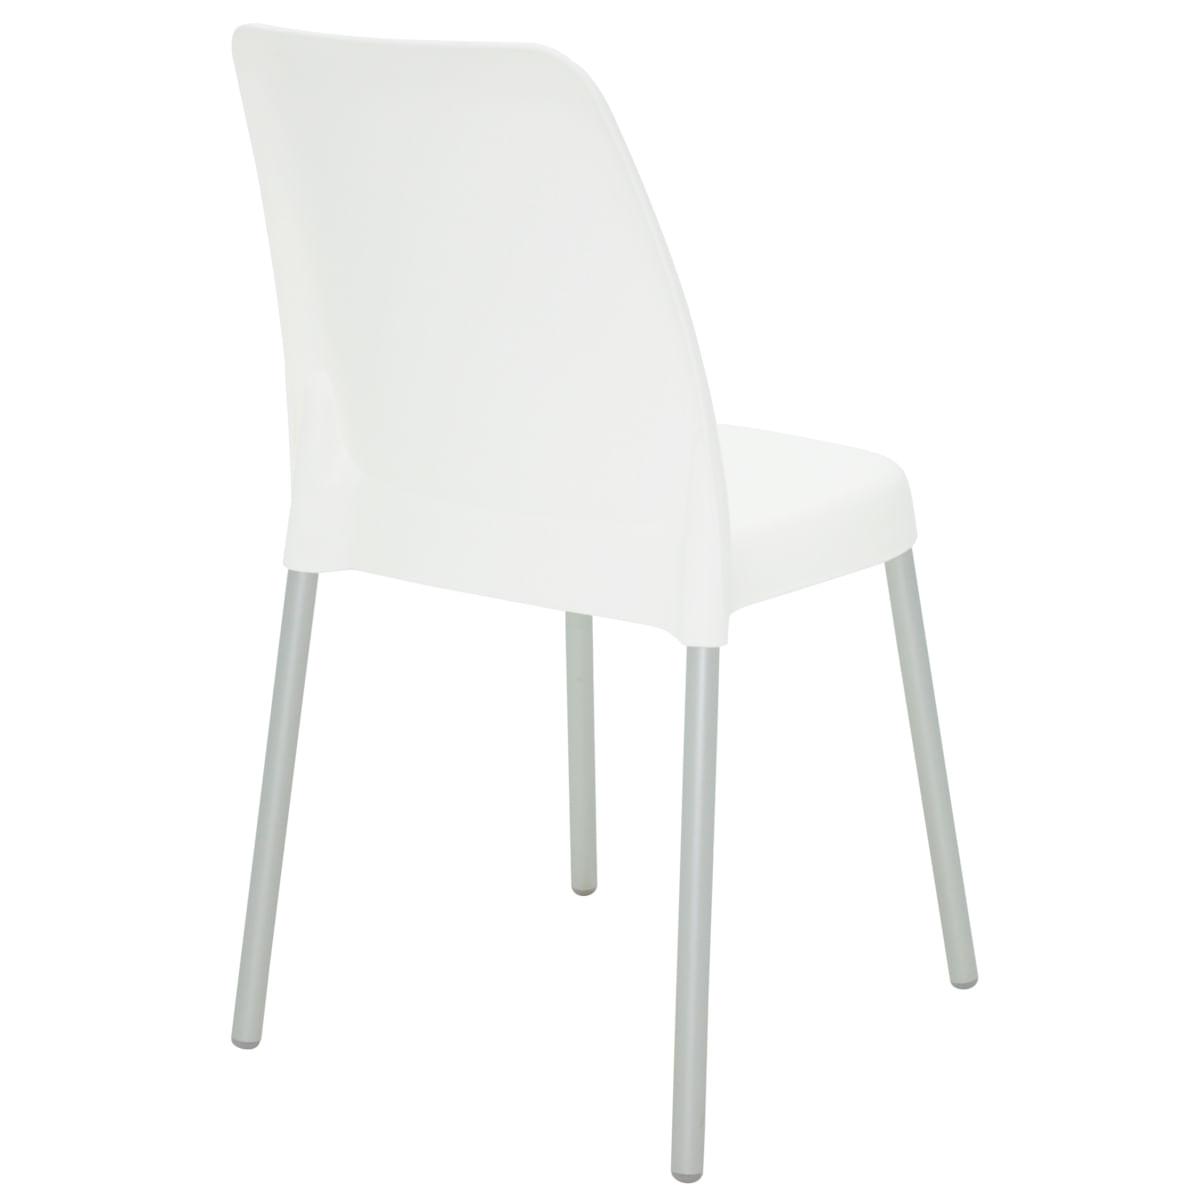 Cadeira Tramontina Vanda Branca em Polipropileno com Pernas em Alumínio